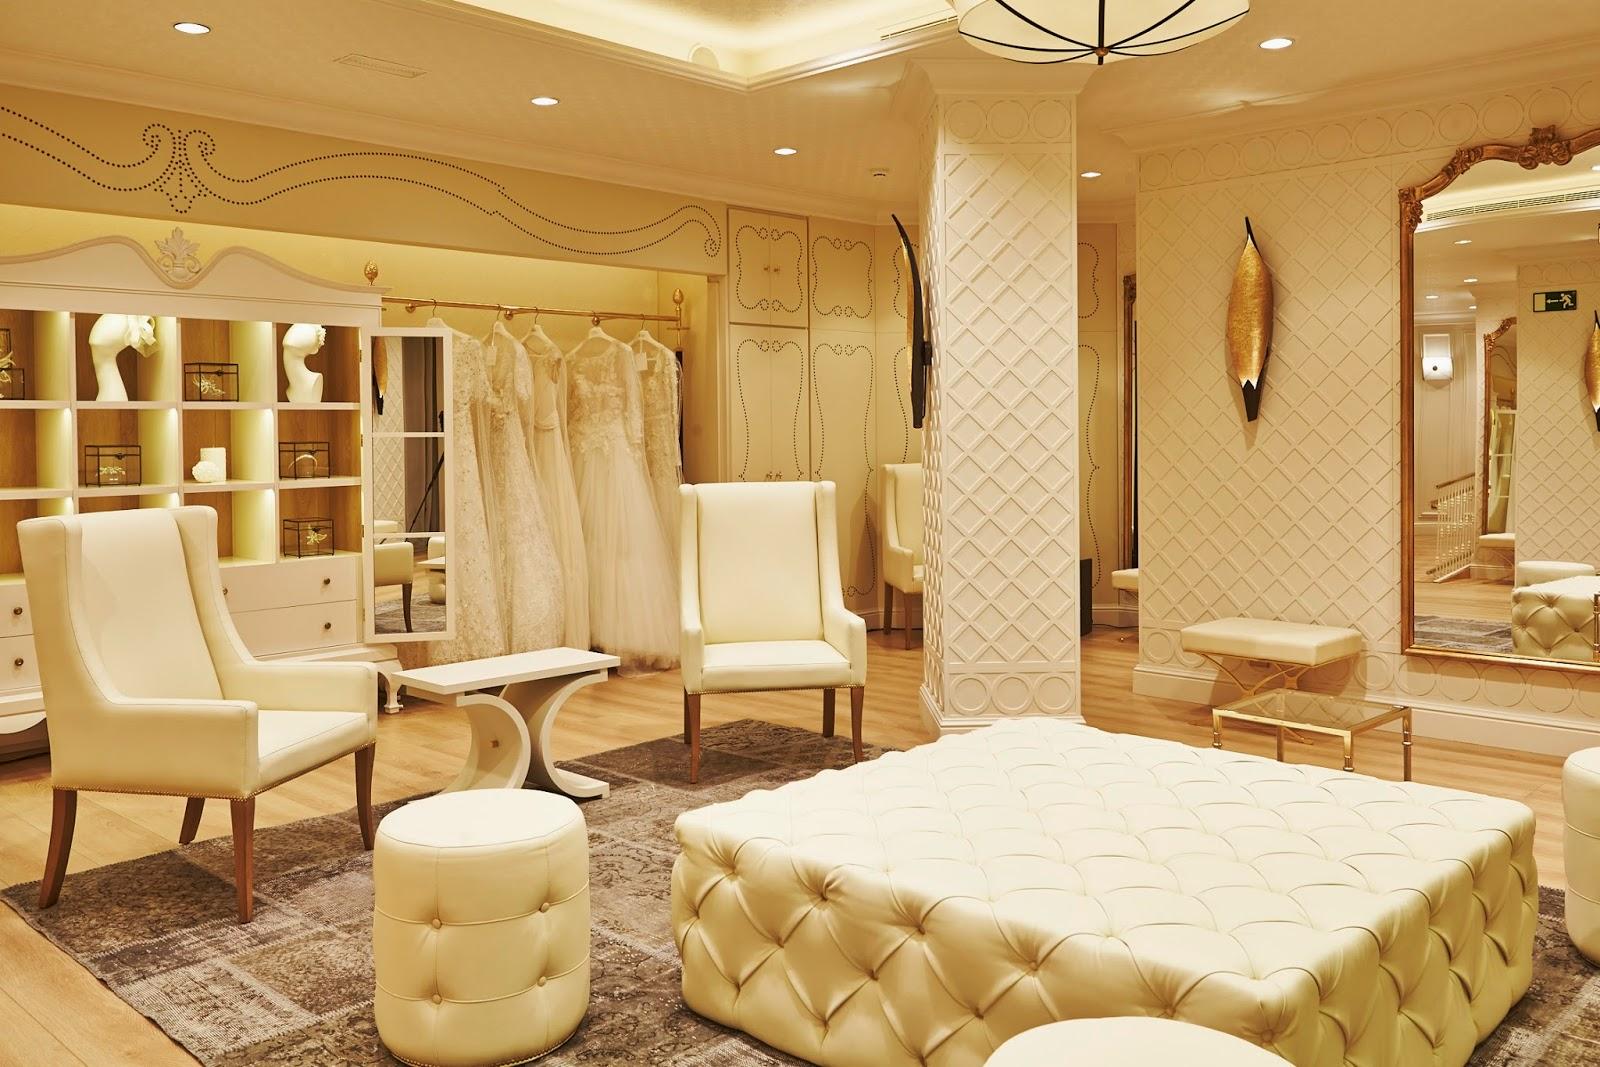 La ruta de atelieres y tiendas de novias que debes visitar for Probadores de ropa interior